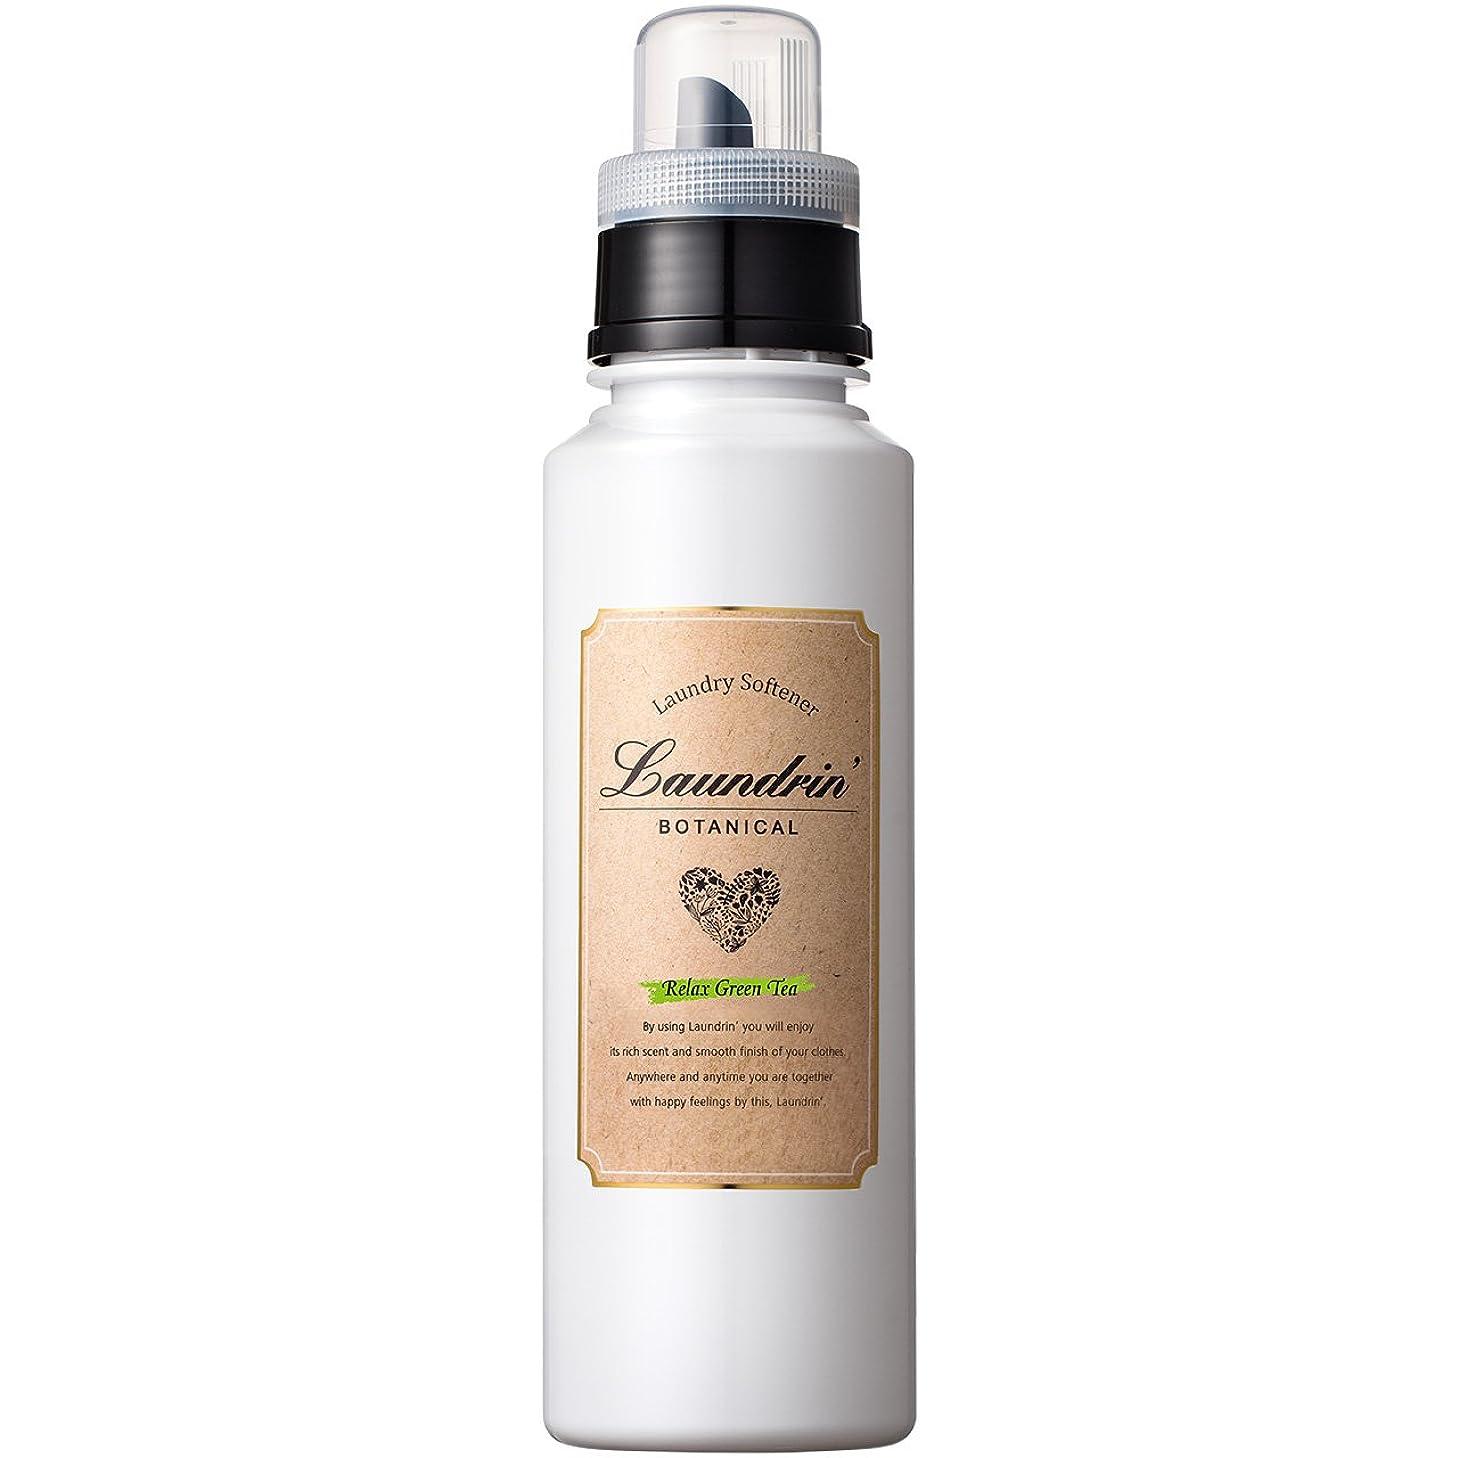 スカリー非難するもランドリン ボタニカル 柔軟剤 リラックスグリーンティーの香り 500ml